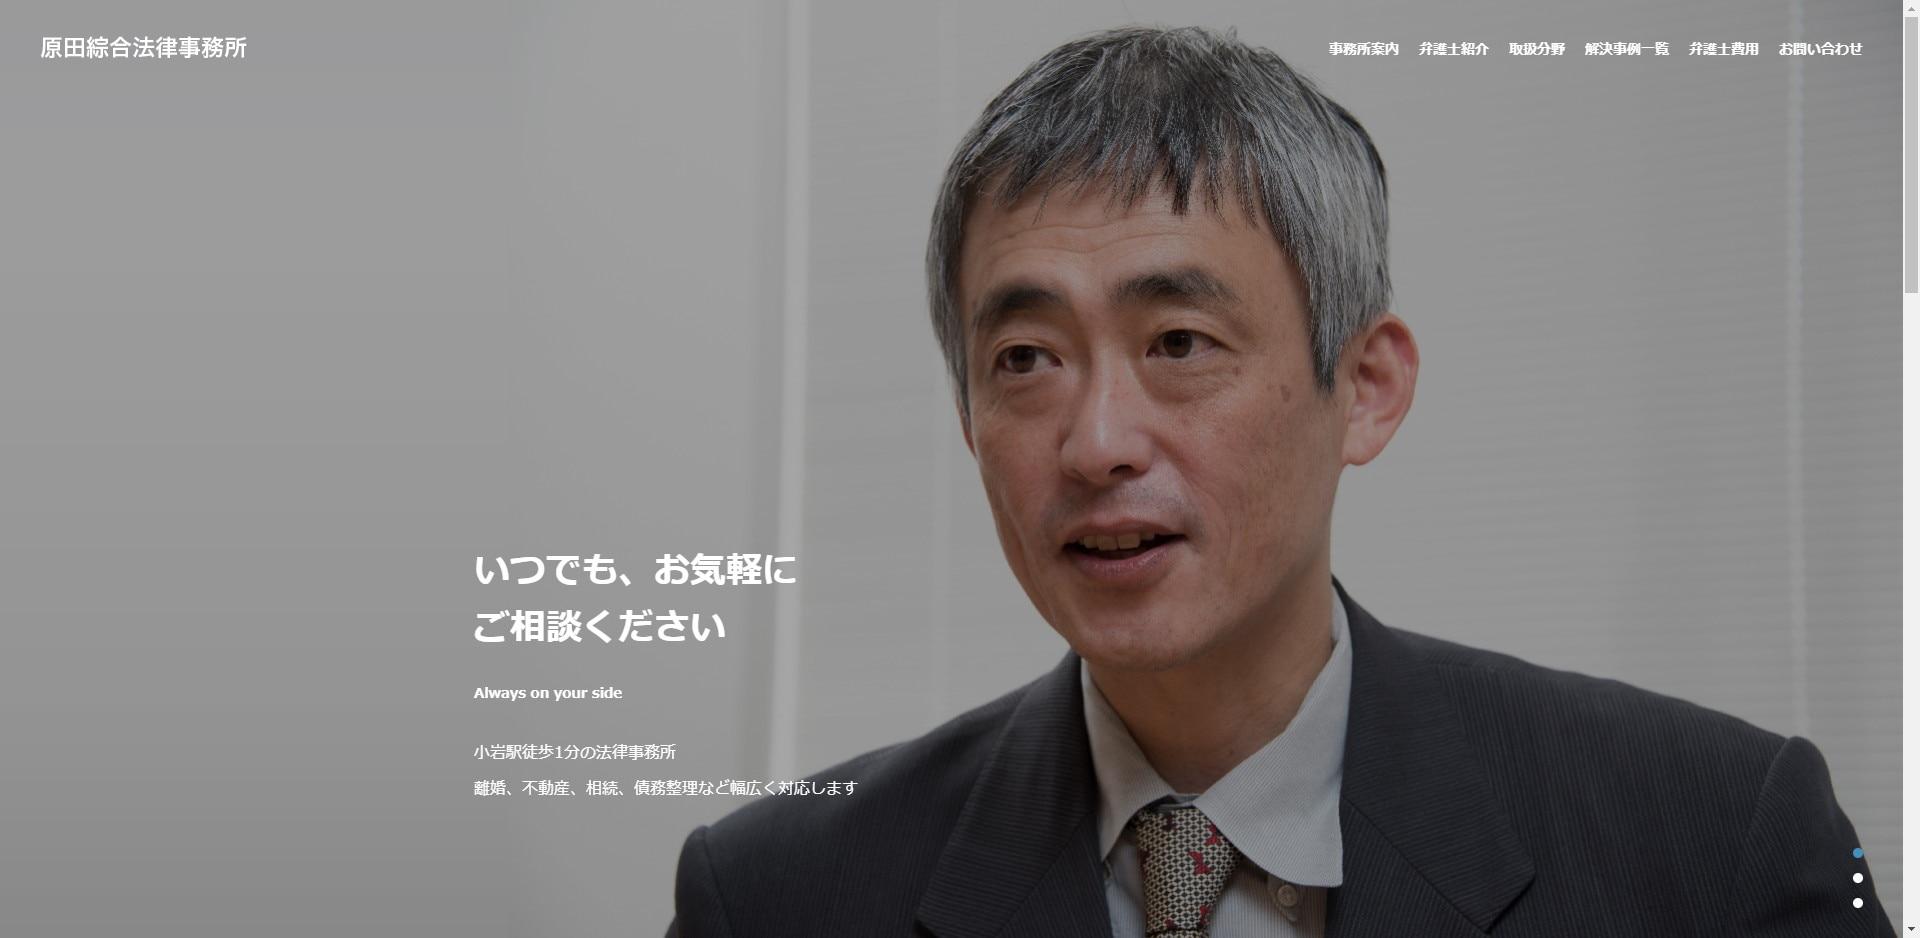 原田綜合法律事務所 様